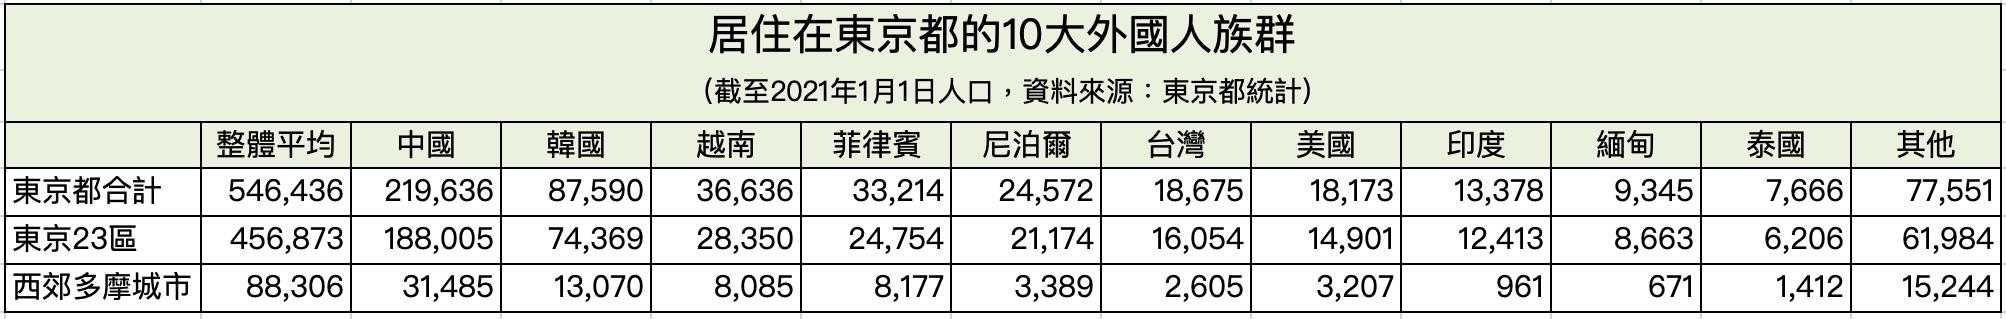 居住在東京都的10大外國人族群-2021